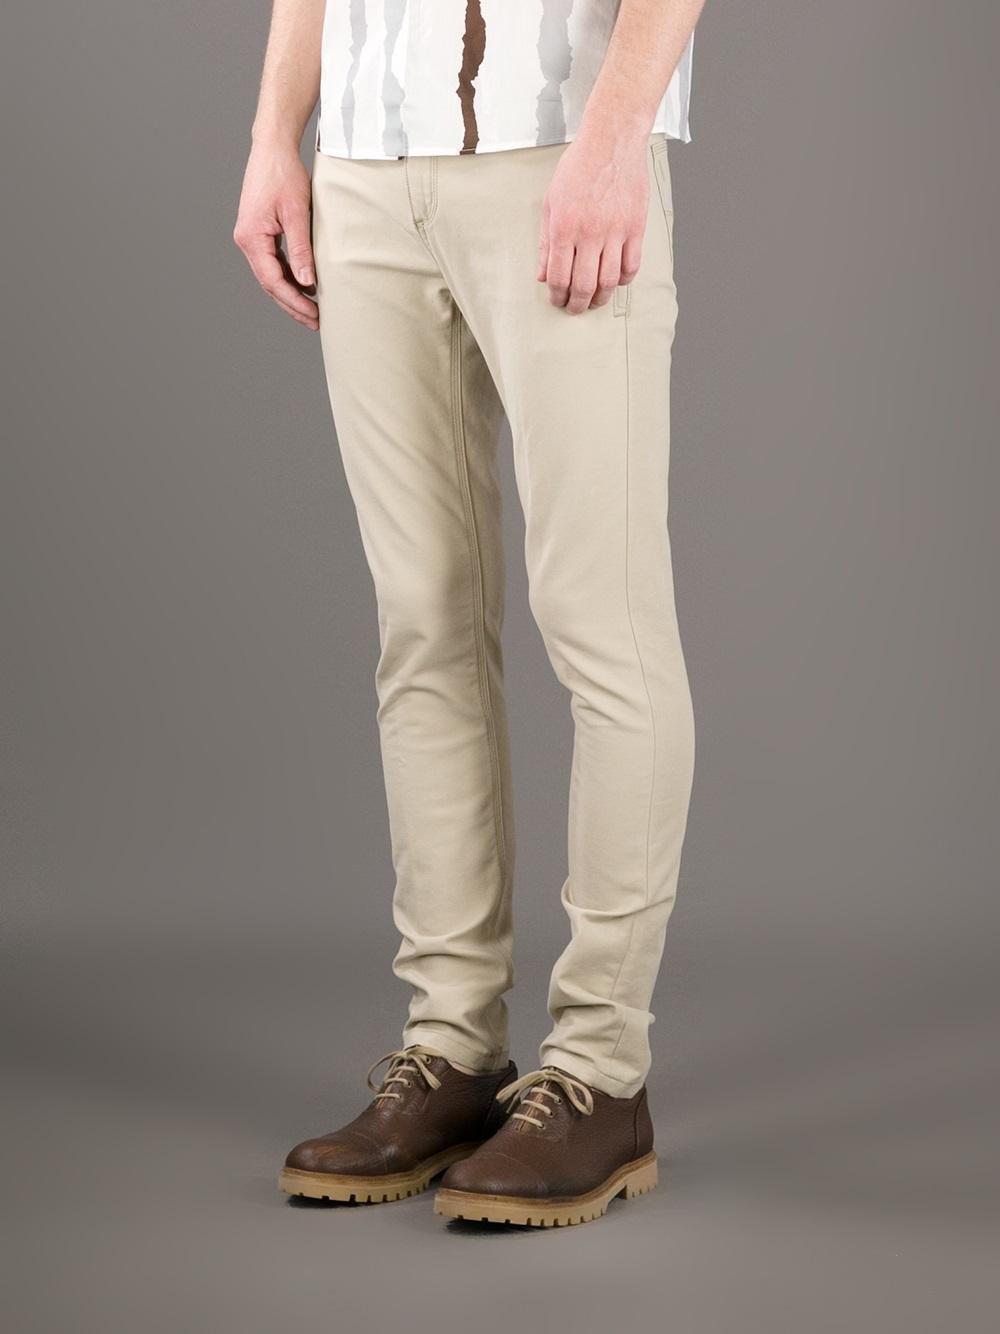 Neil barrett Skinny Jeans in Natural for Men | Lyst